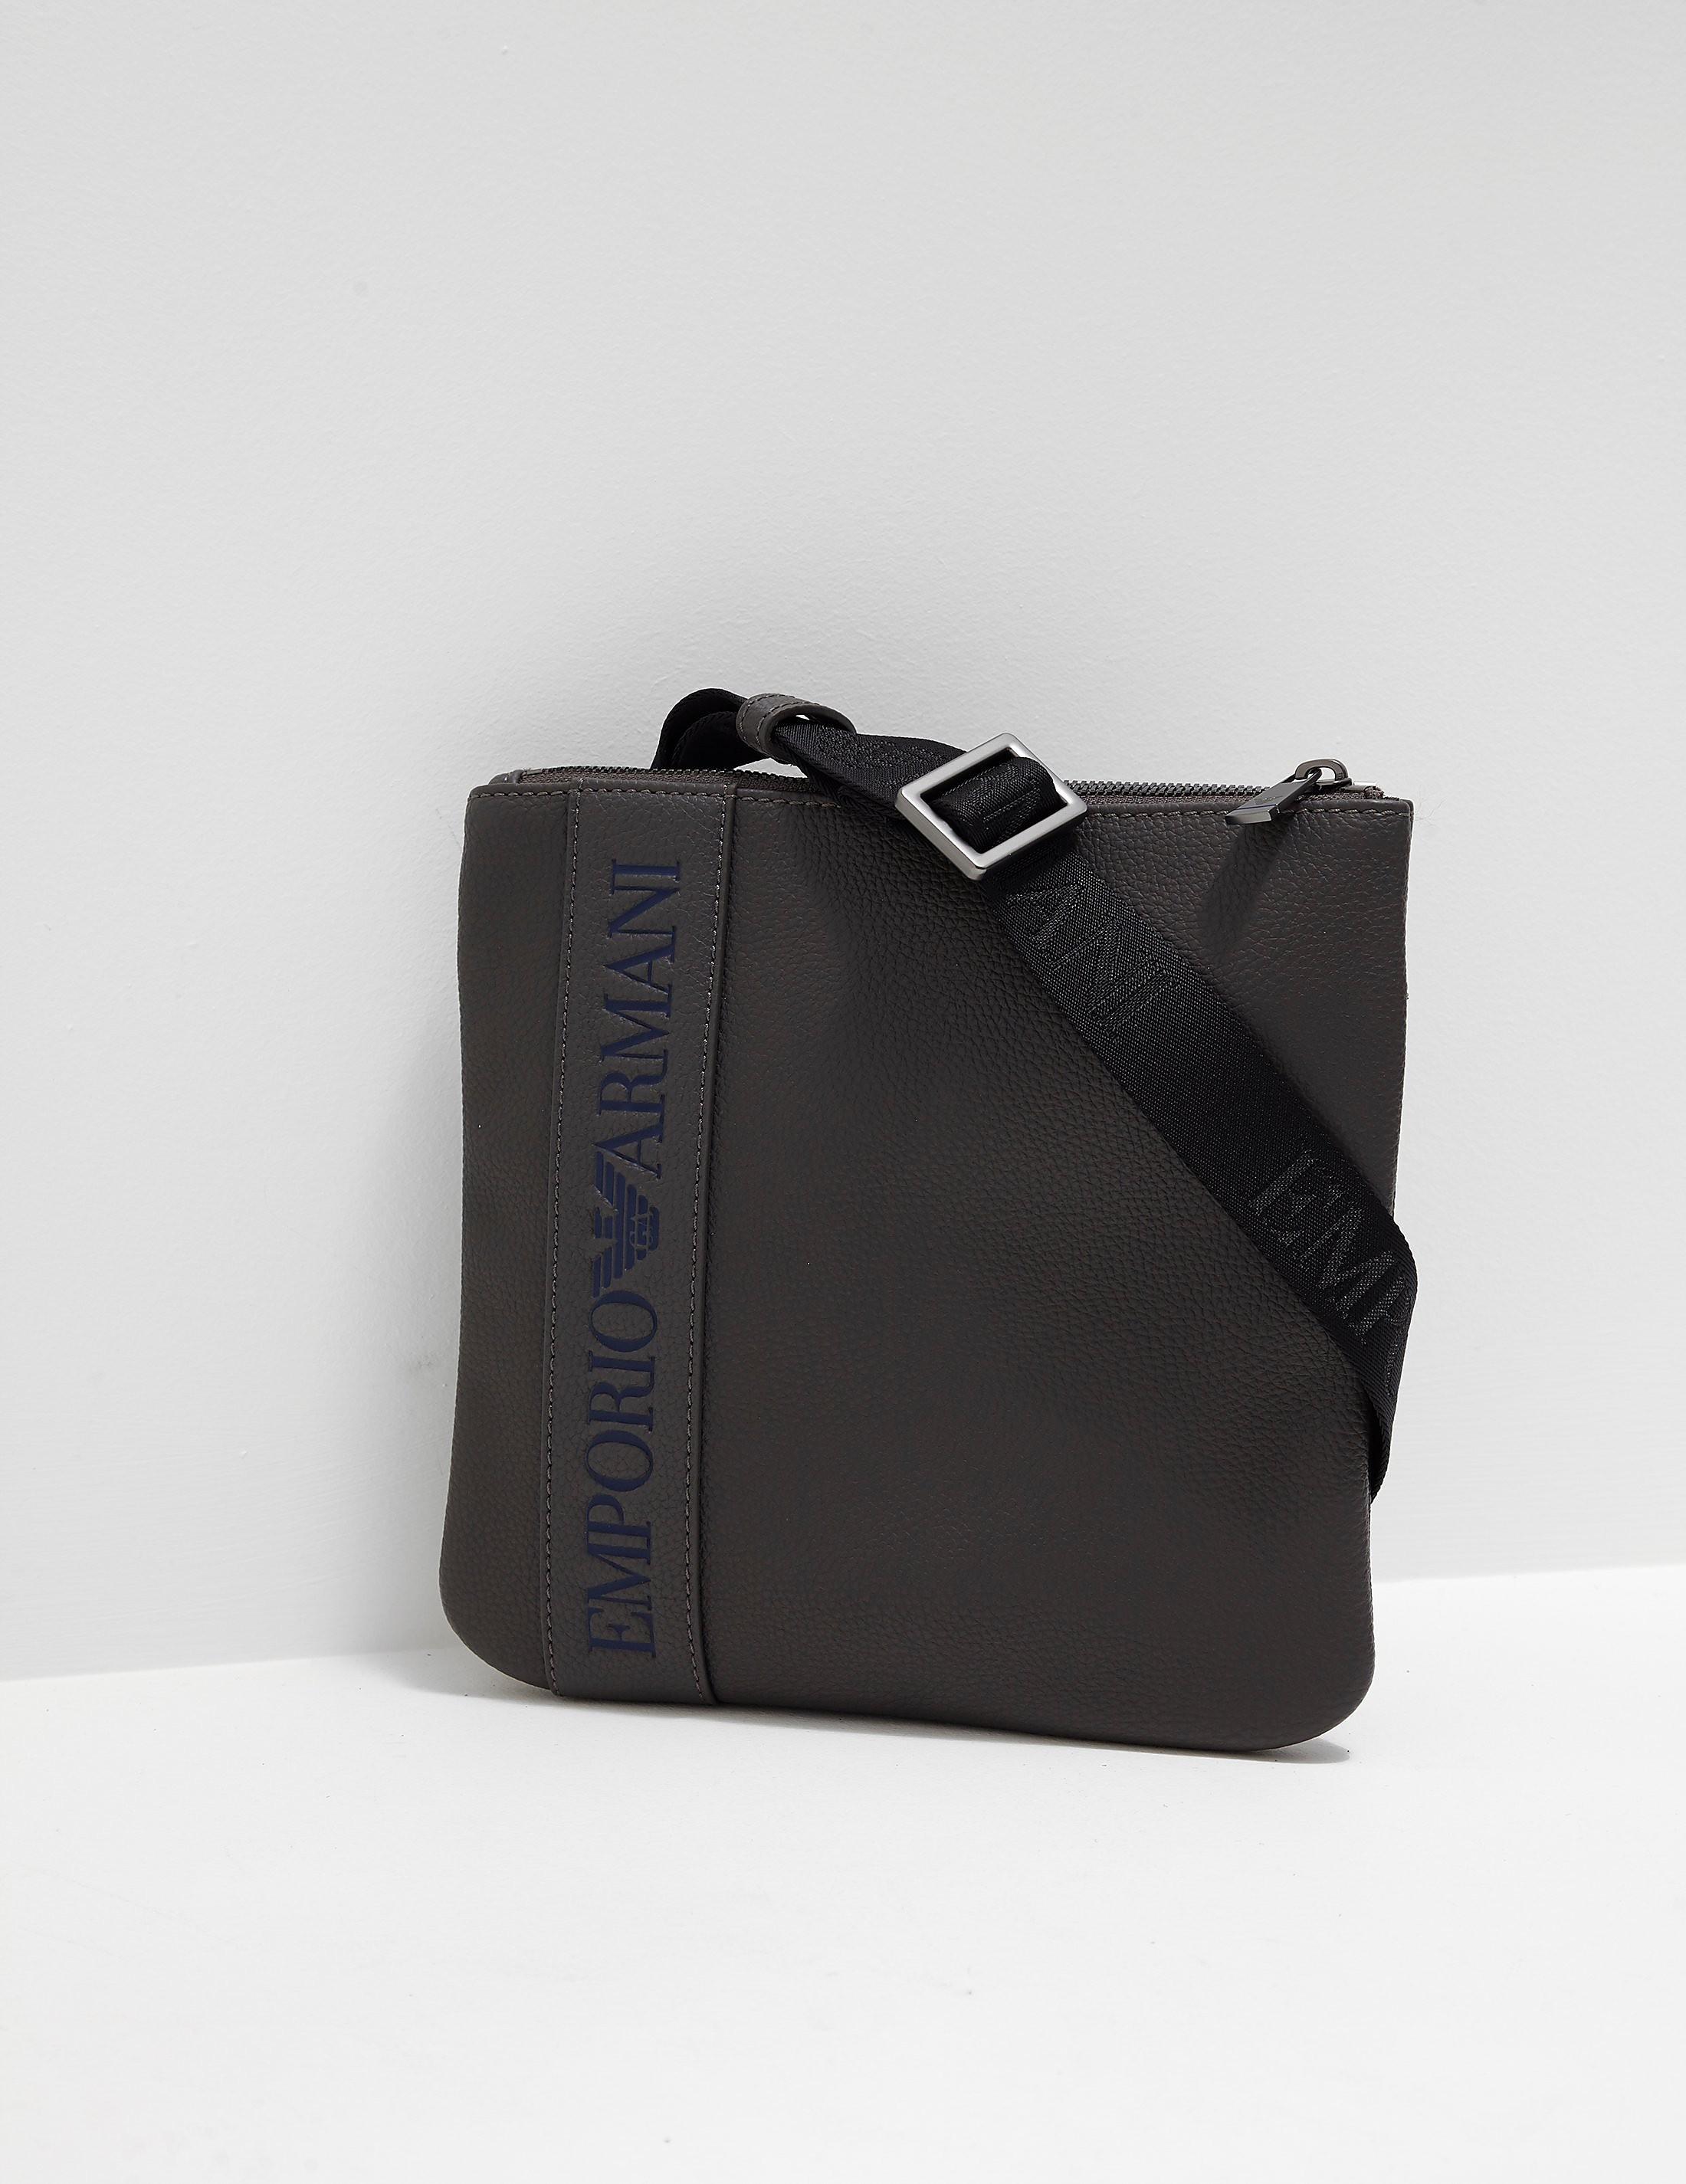 Emporio Armani Granato Small Item Bag